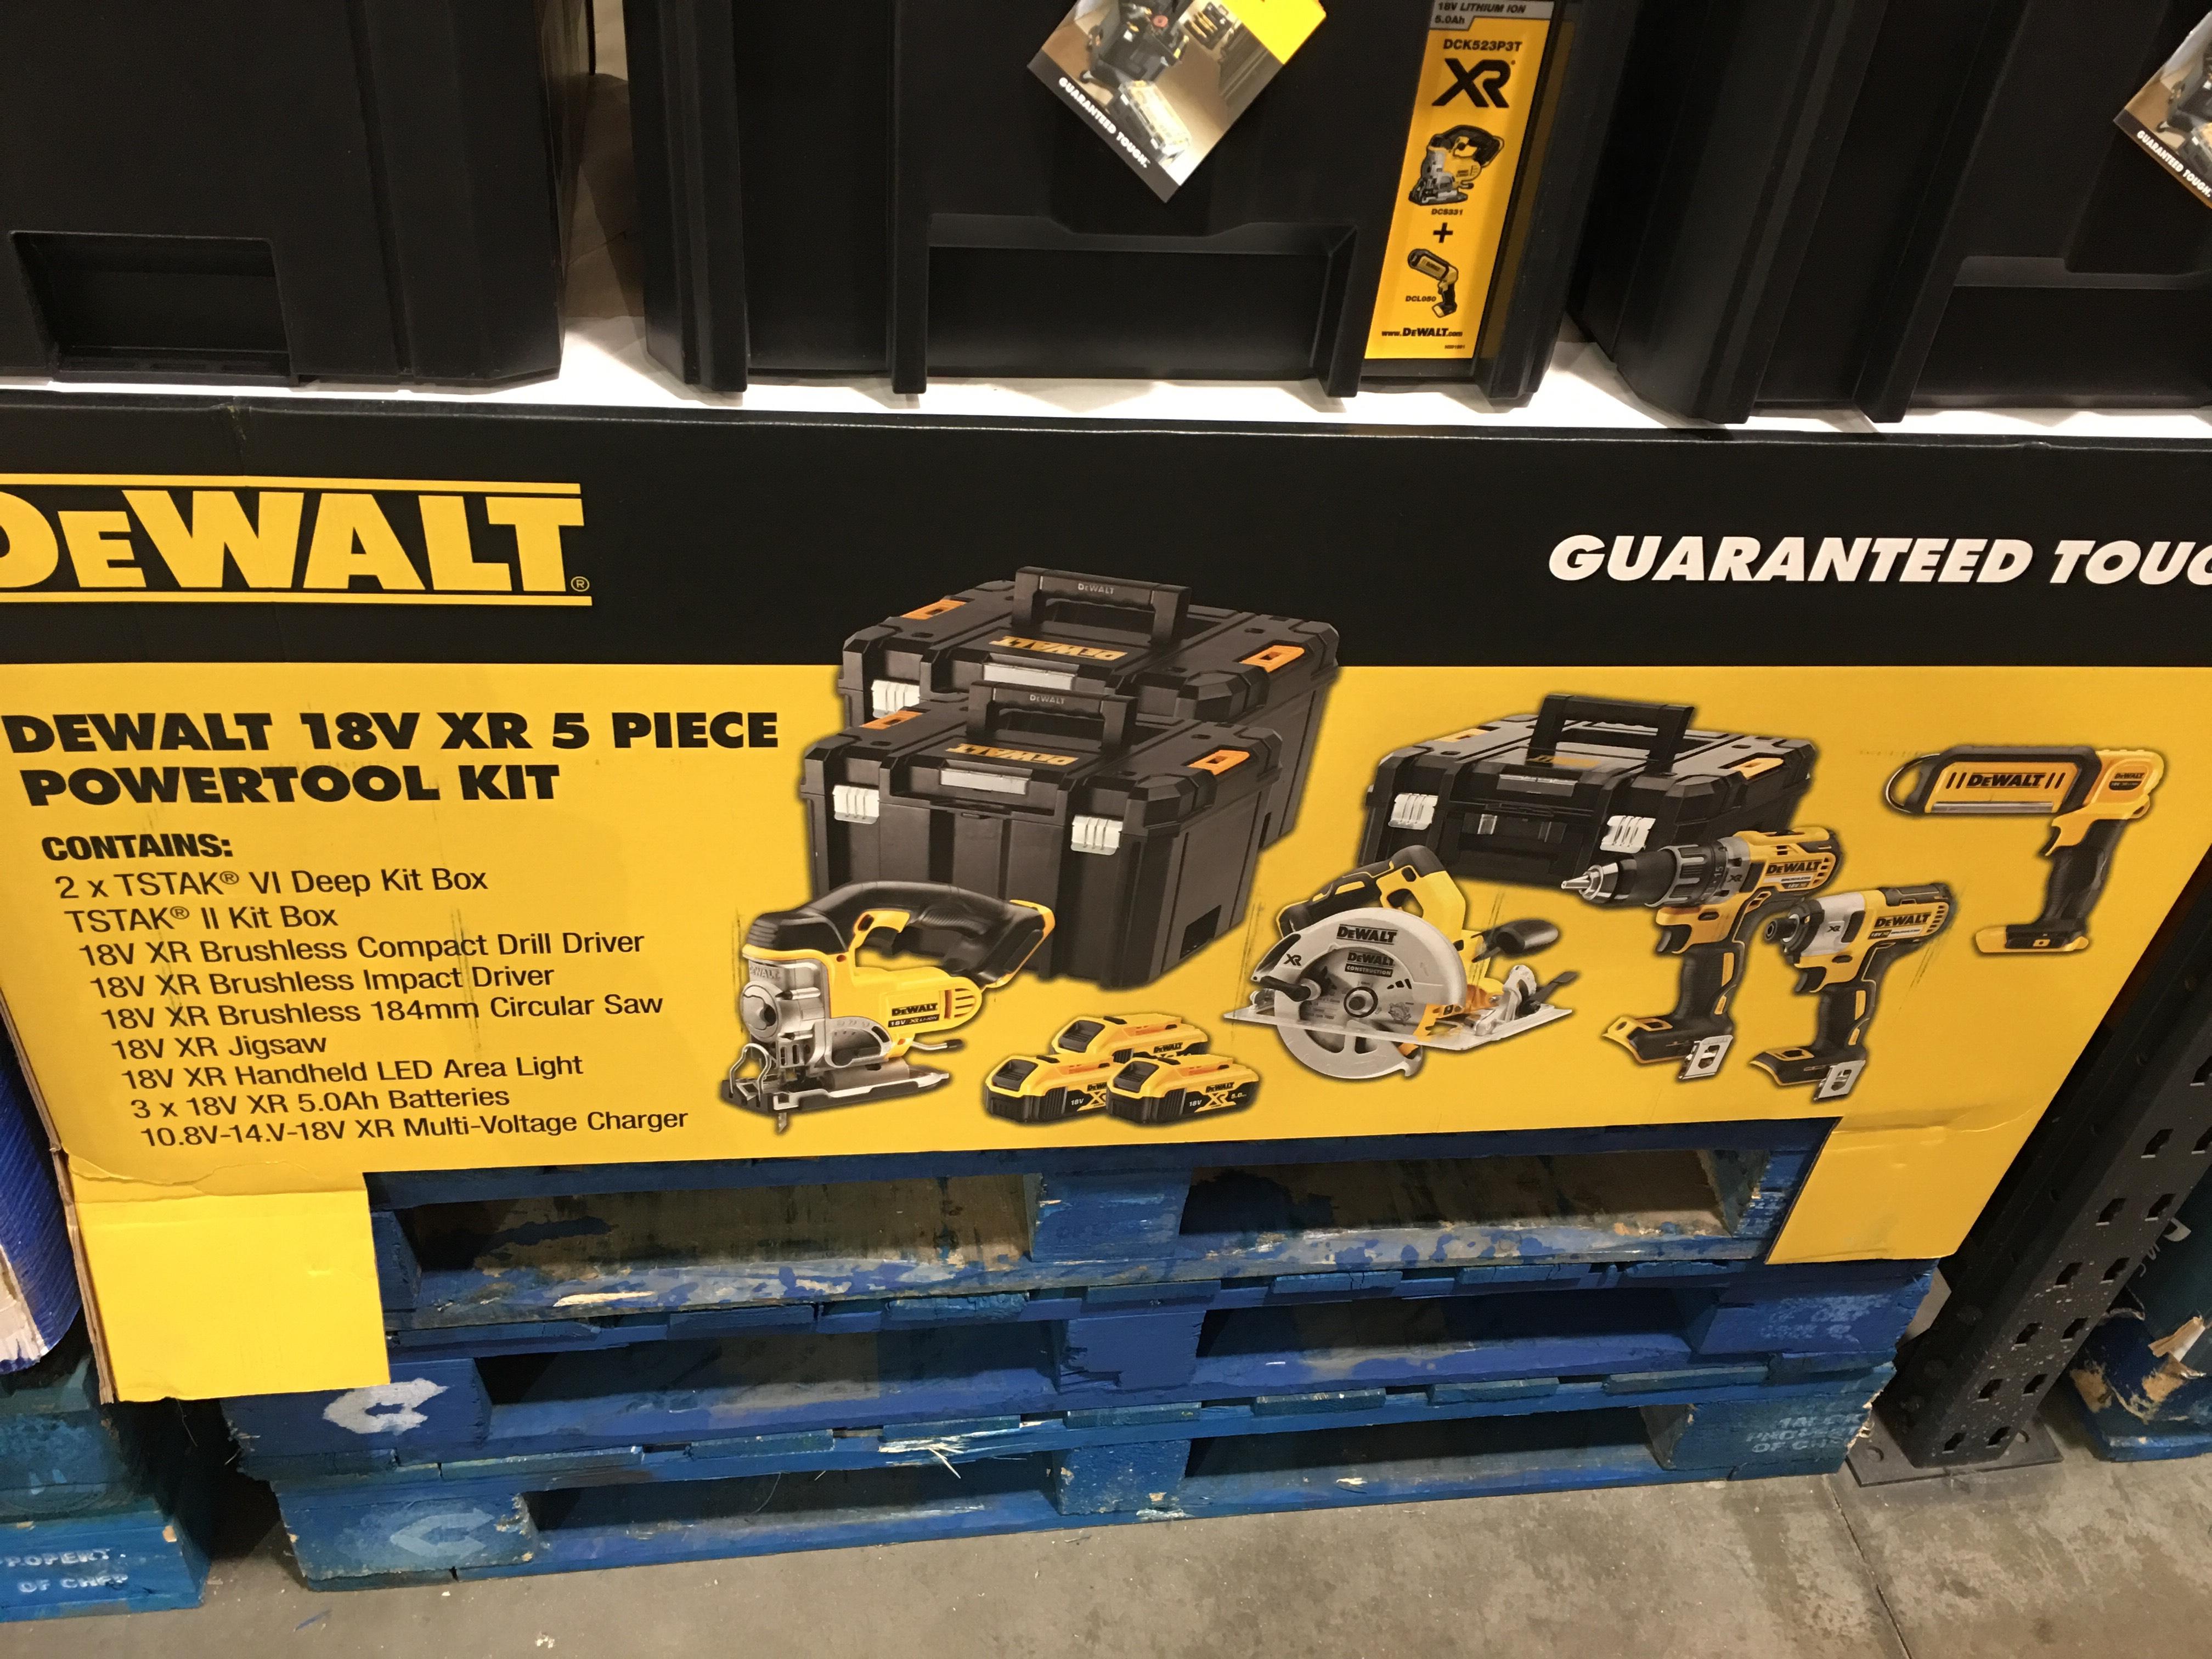 DeWalt 5 piece tool/drill/saw set plus 3 batteries £635.98 @ Costco